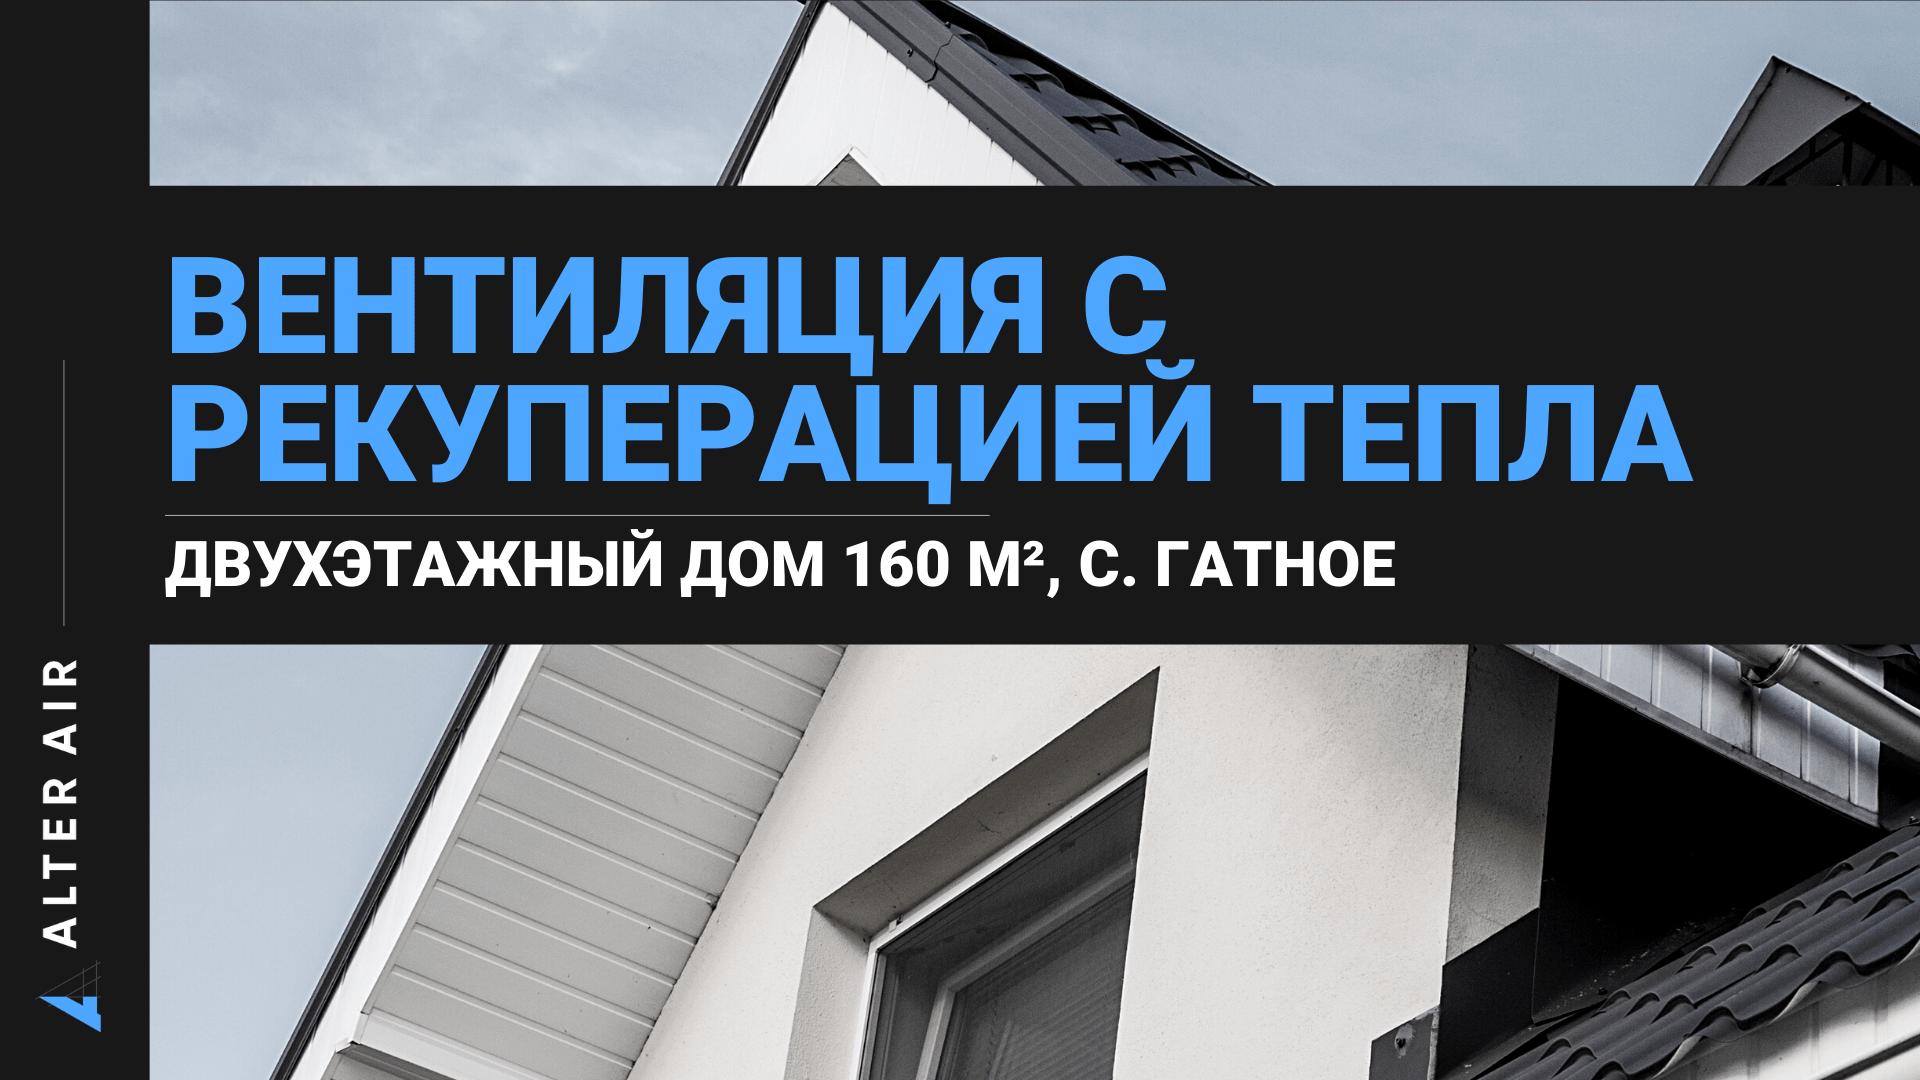 Влаштування вентиляції у будинку. Вентиляція з рекуперацією тепла (на прикладі будинку 160 м2)